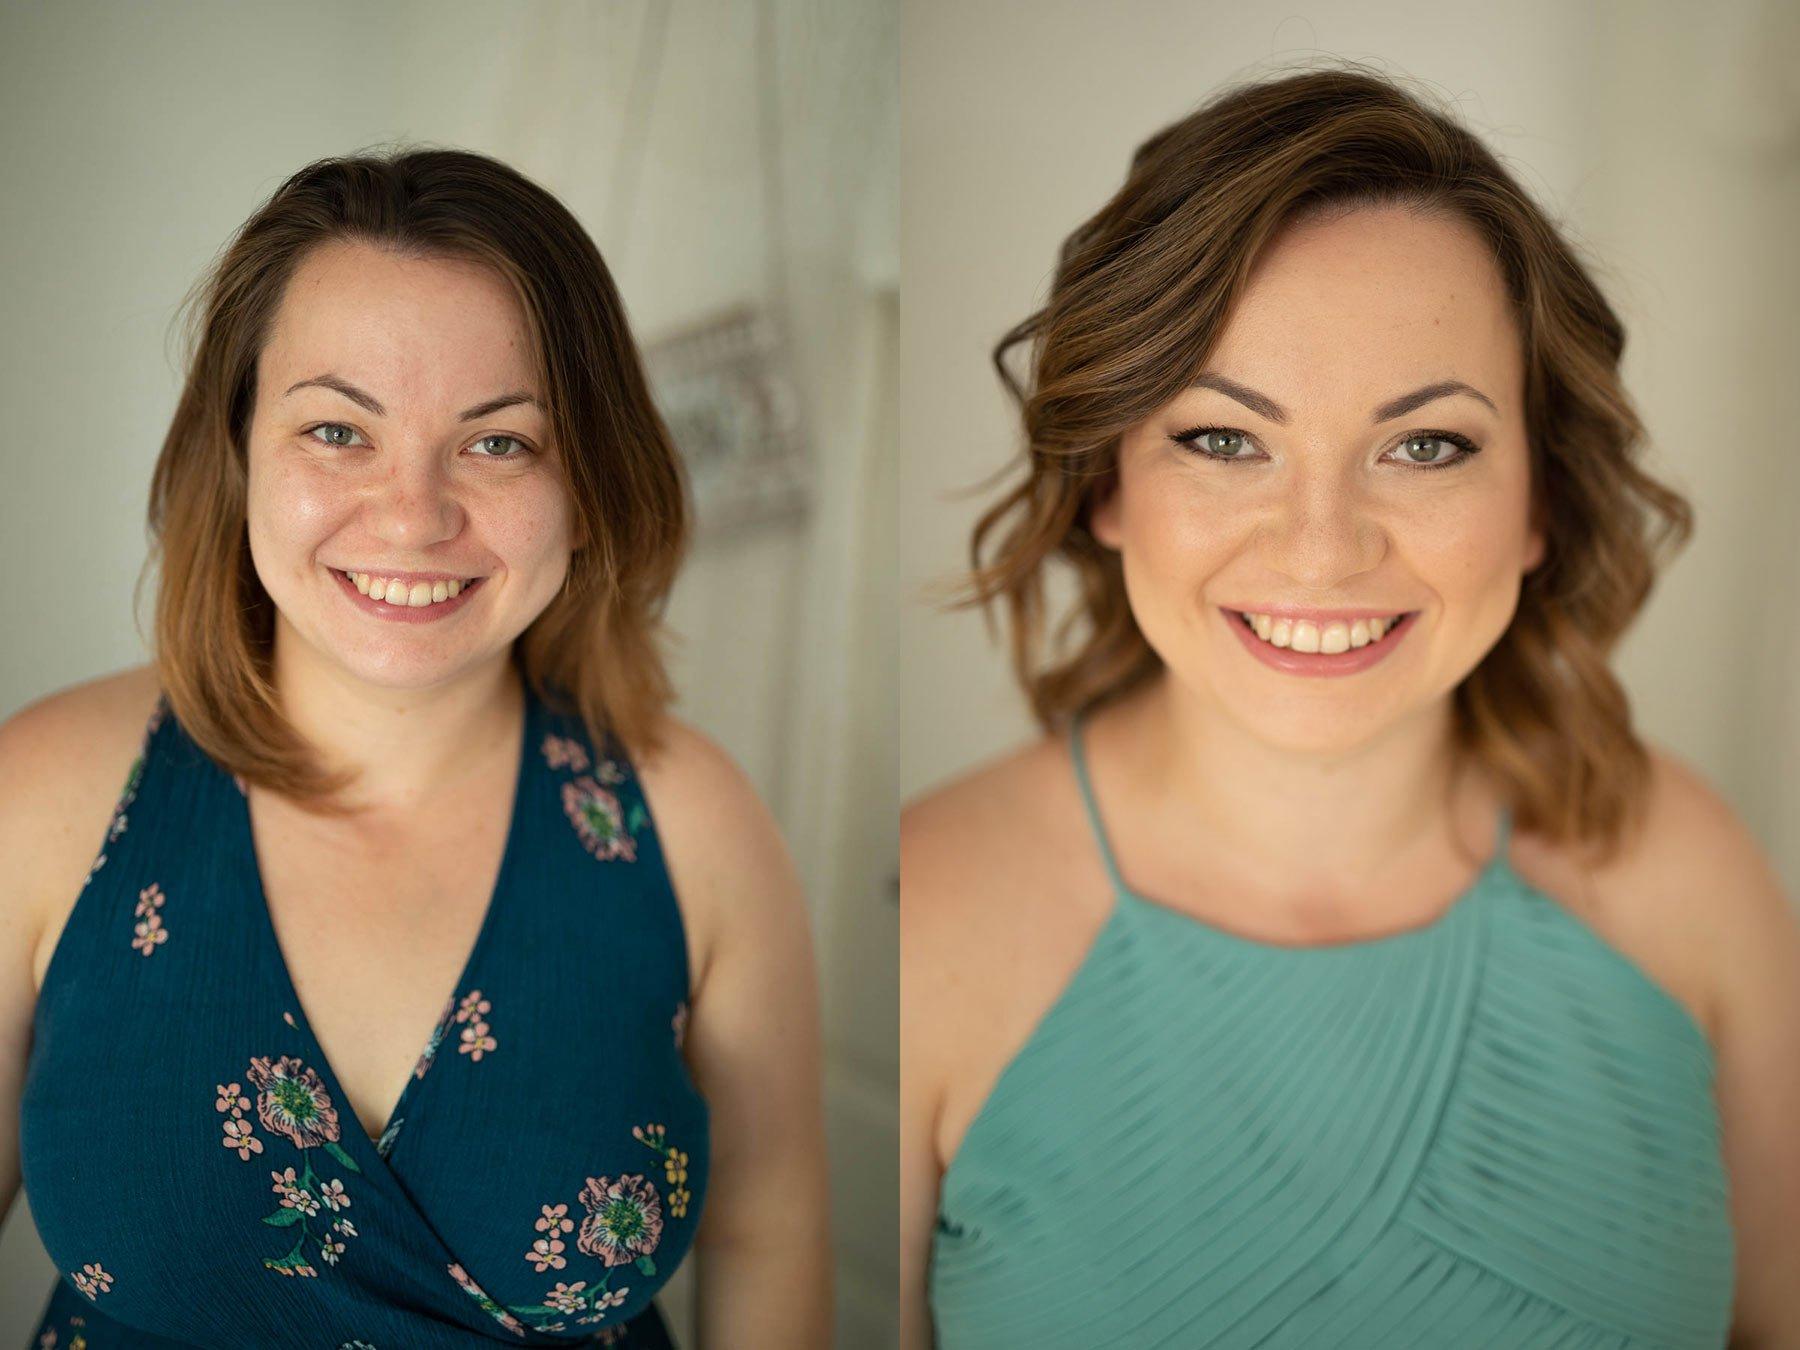 Vorher/Nachher Vergleich beim Probemakeup für die Hochzeit